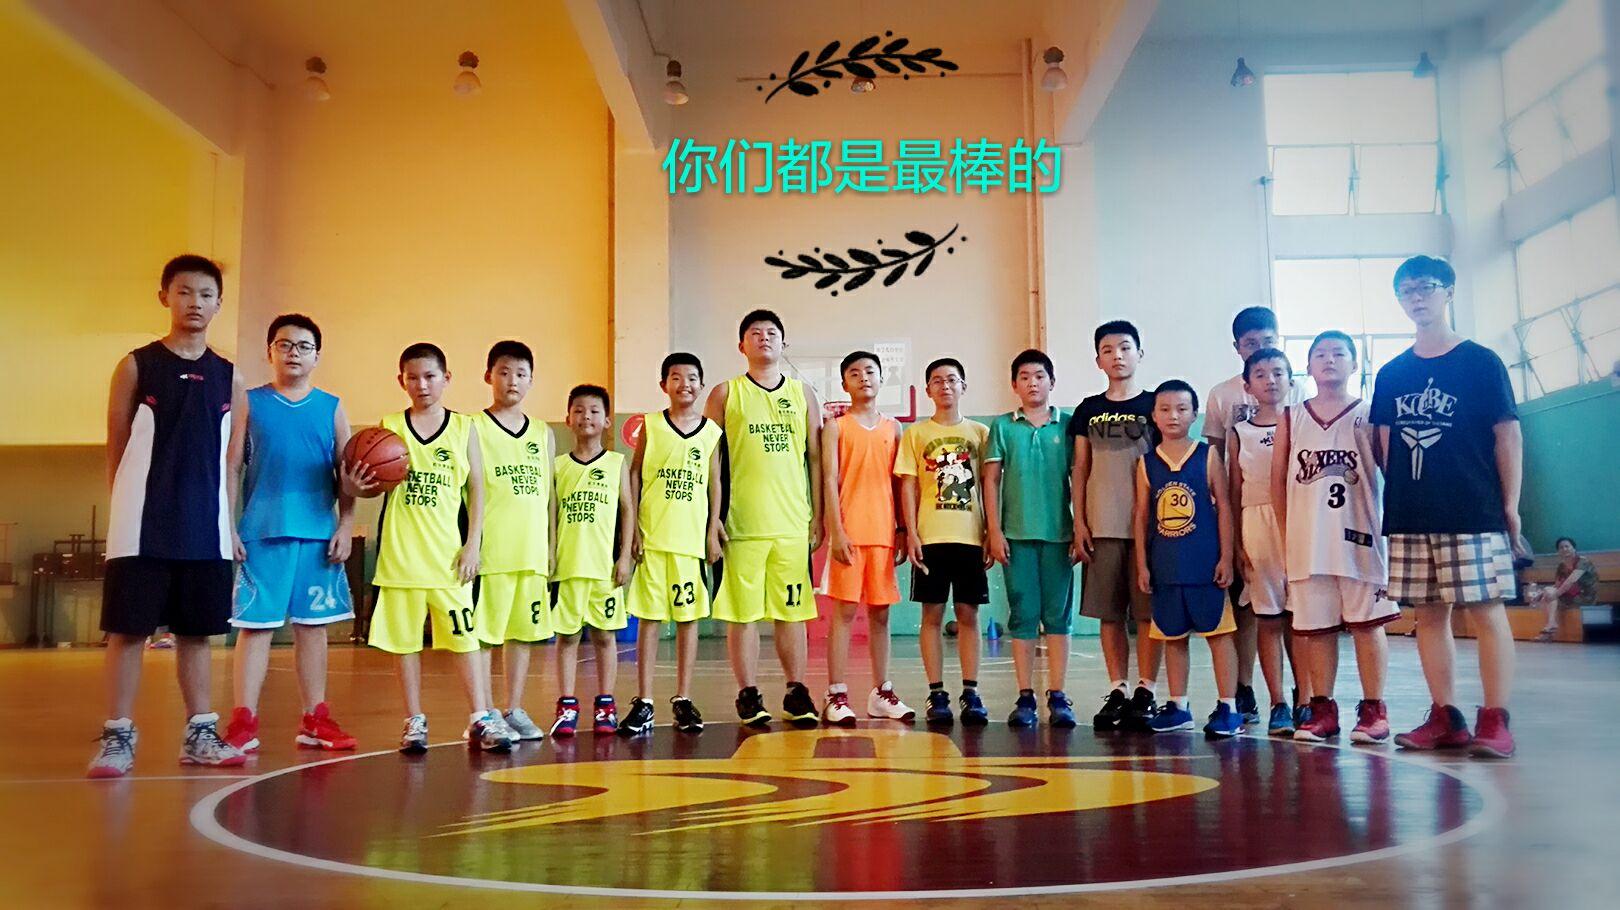 金牛区小学周末兴趣班报名-教育邪教-莱信息分类反篮球图片